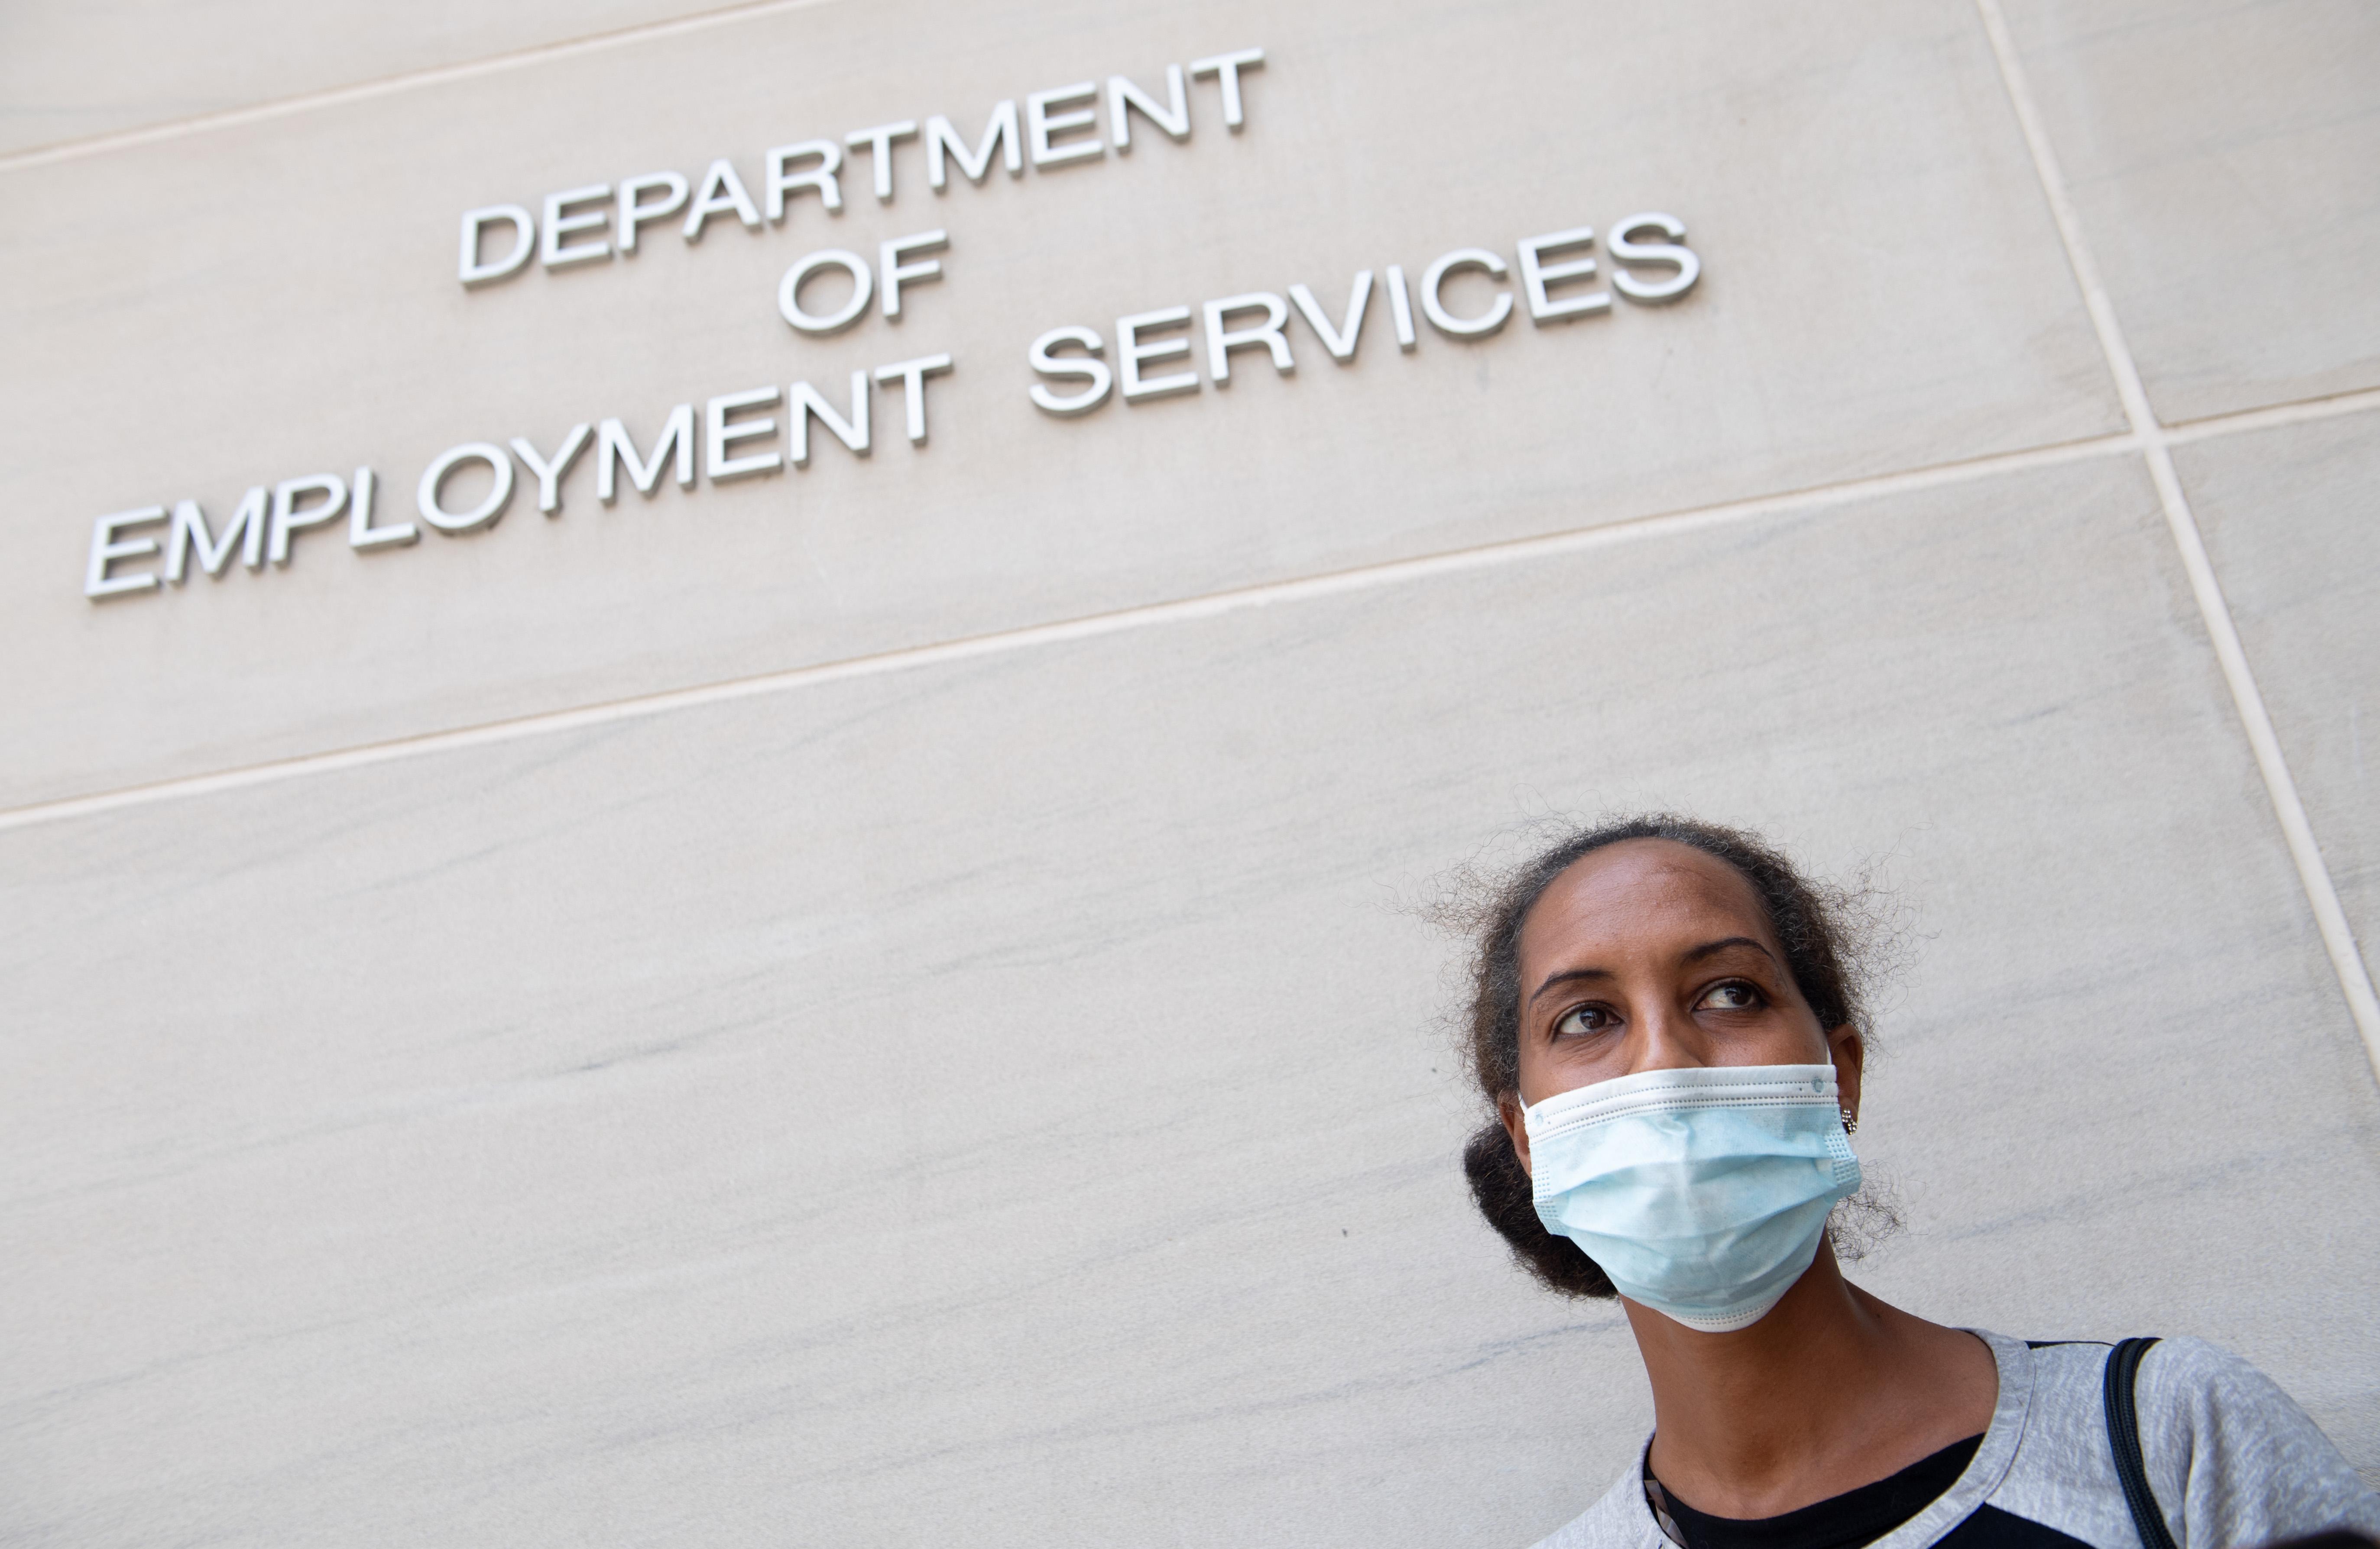 大紀元民調:經濟是選民最關心問題 超過疫情